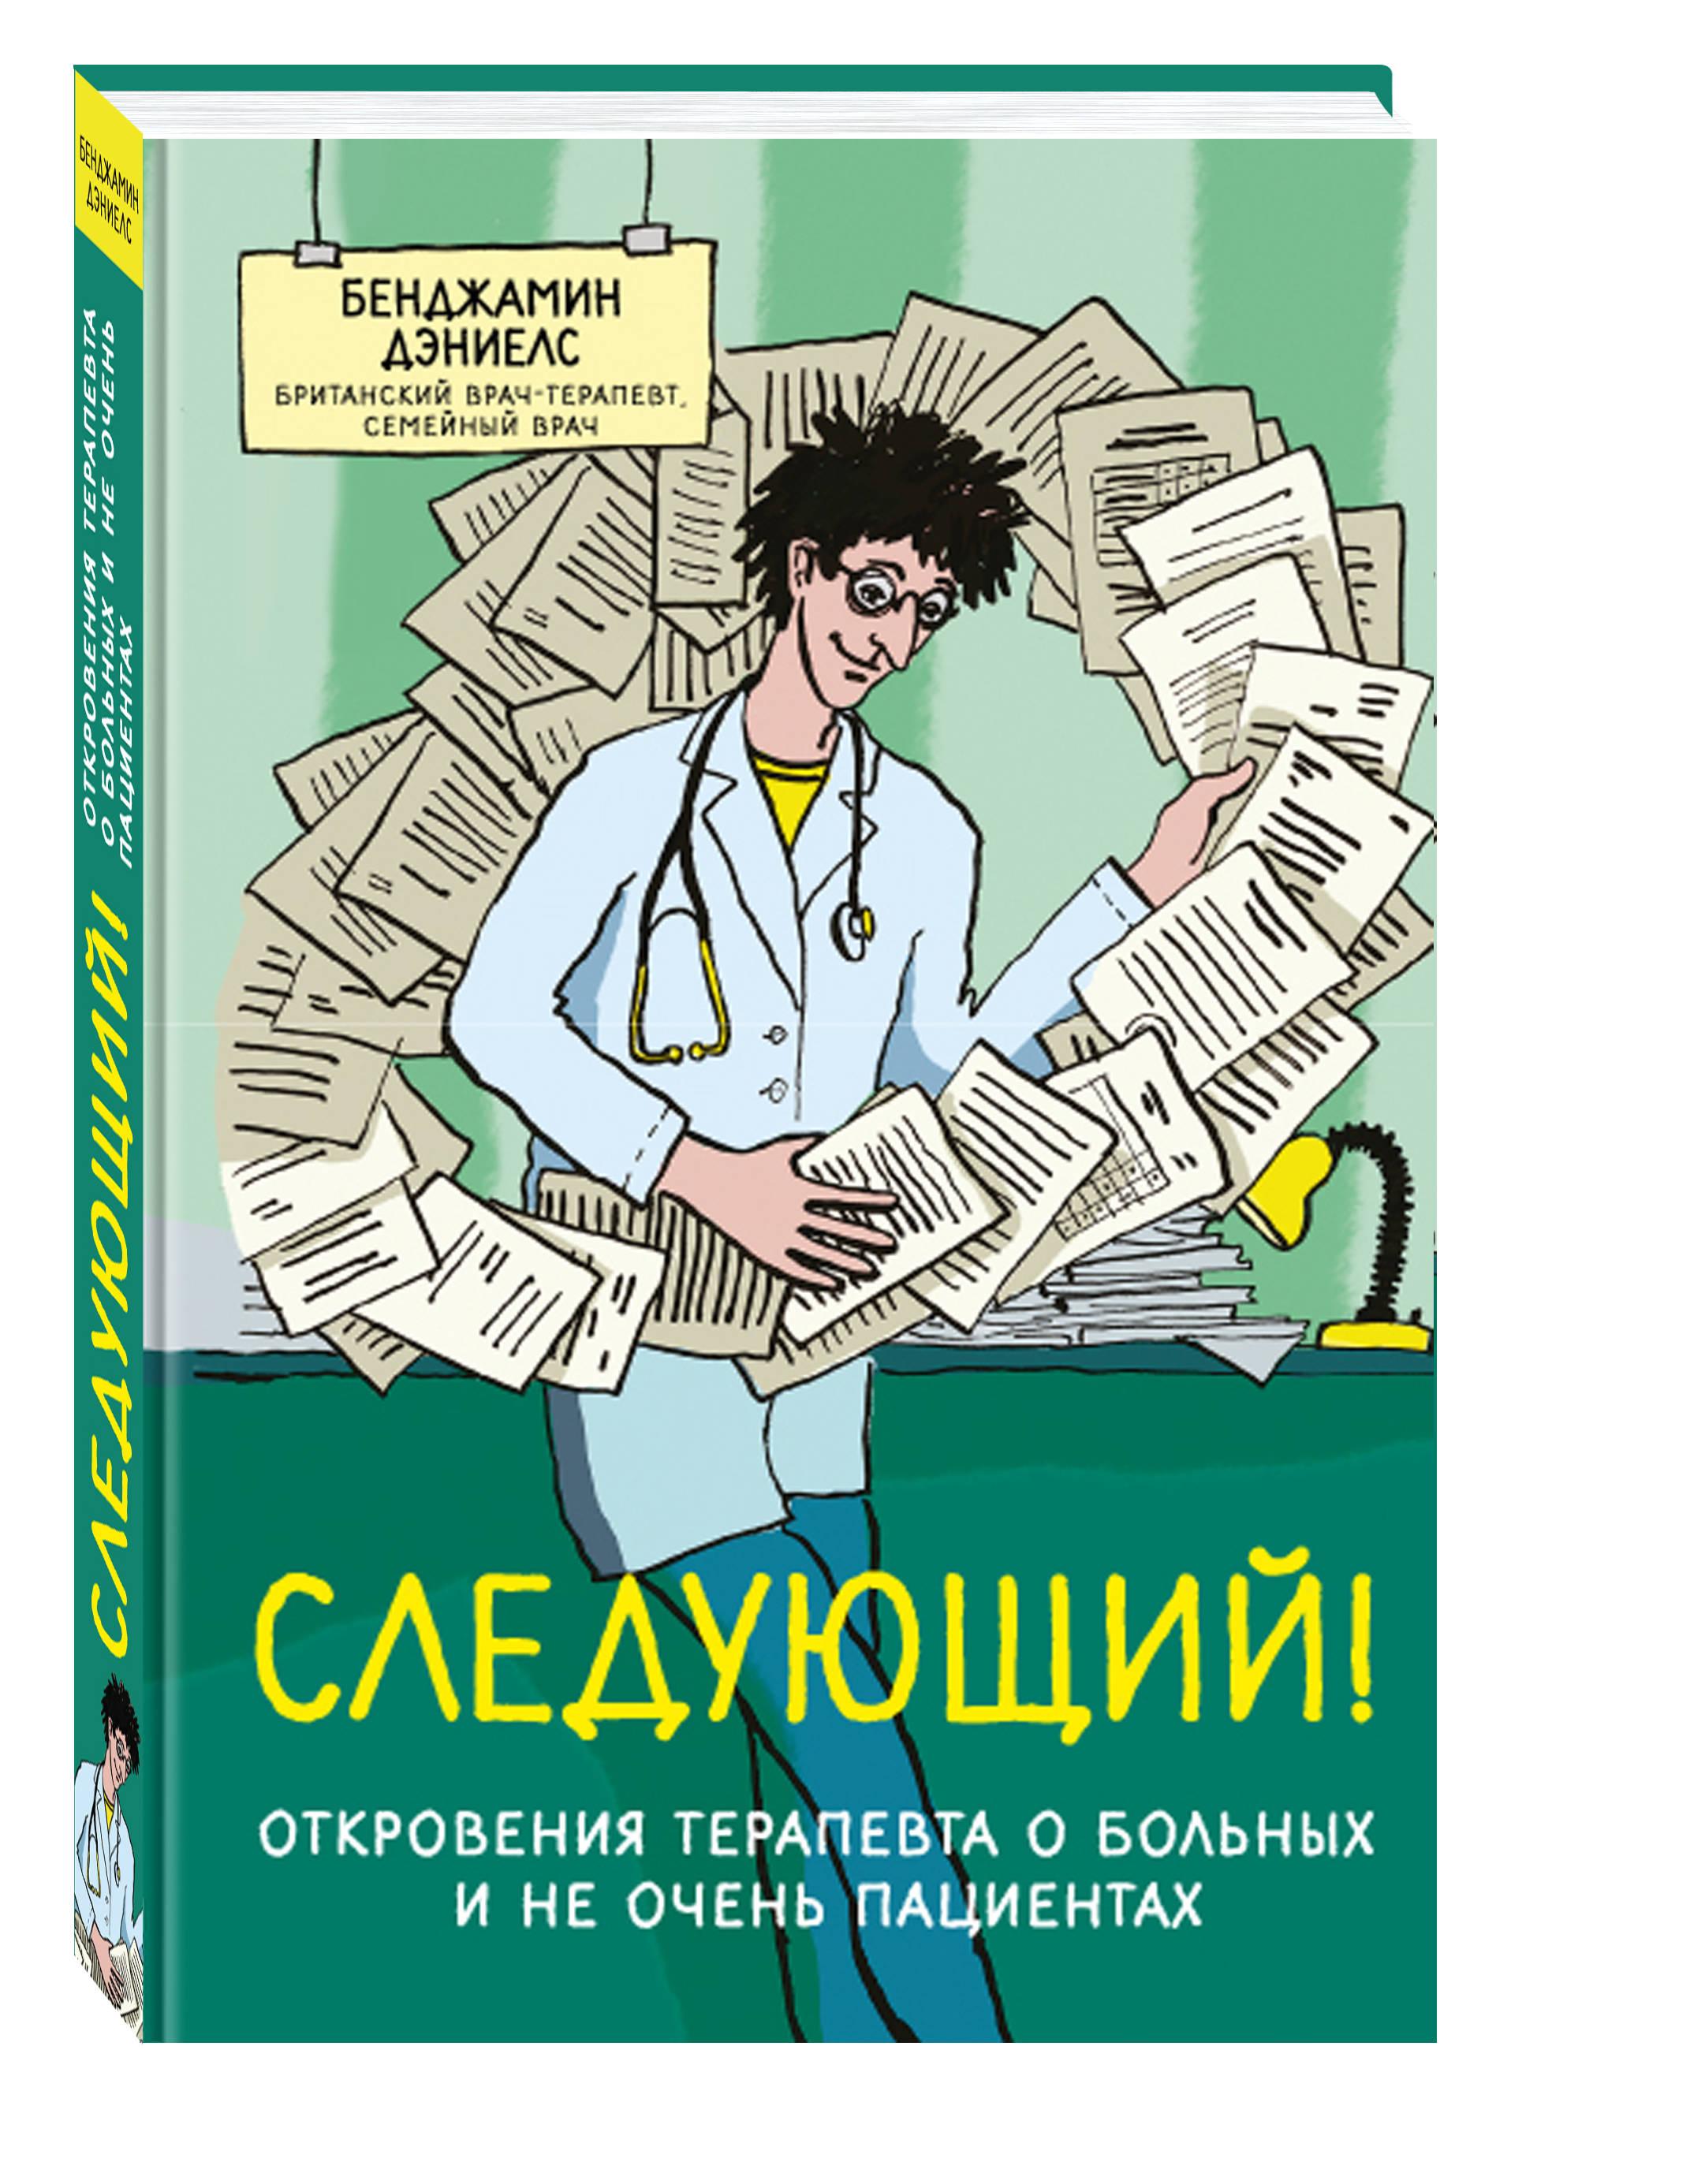 Следующий! Откровения терапевта о больных и не очень пациентах ( Бенджамин Дэниелс  )